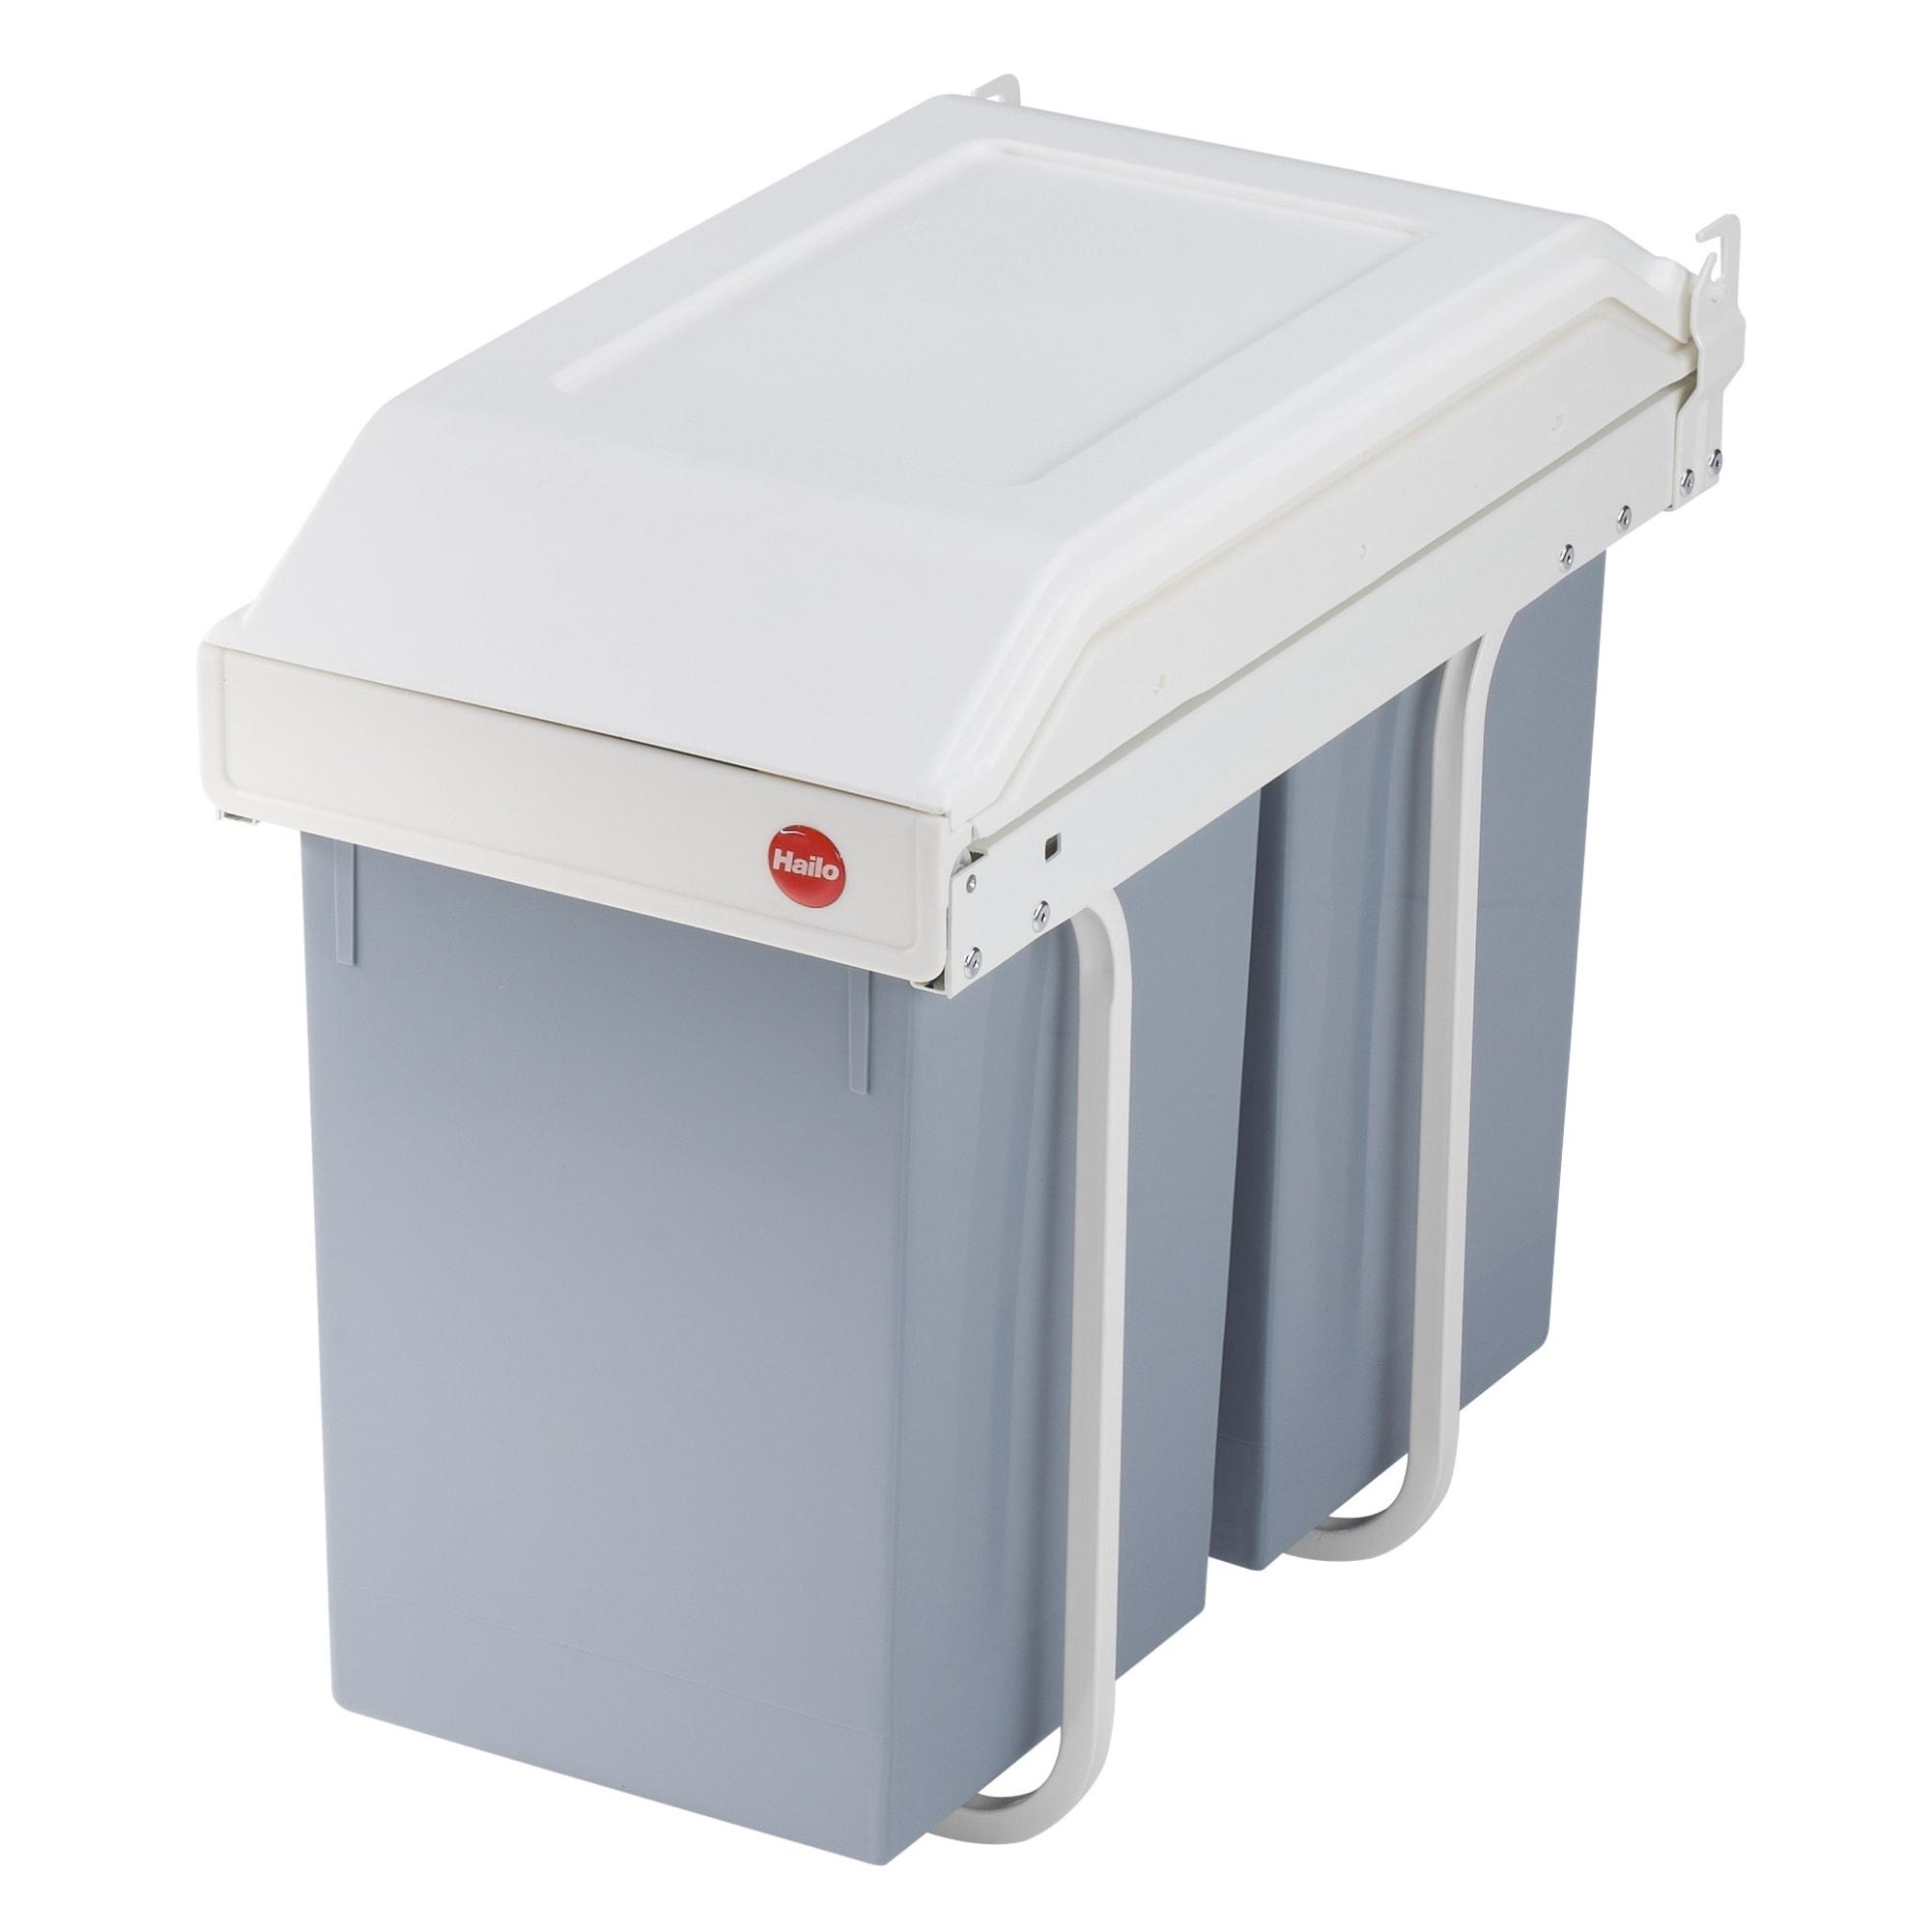 2 x 14 liter - Praktisk affaldssortering til montering i køkkenskabet